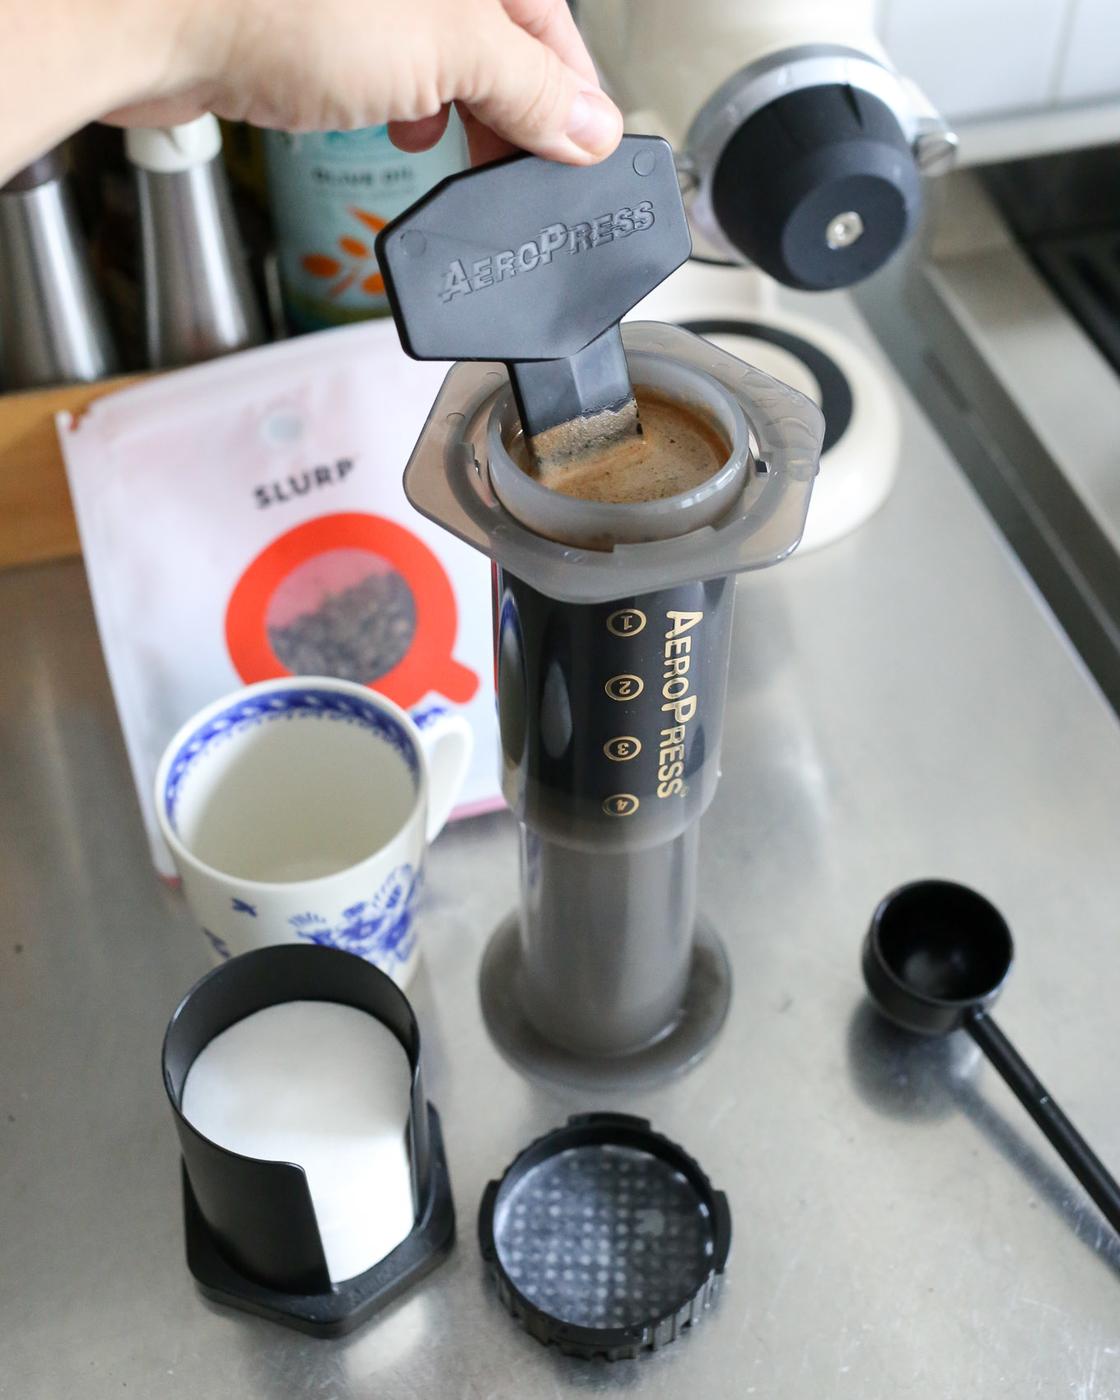 Slurp coffee - Aeropress-7.jpg